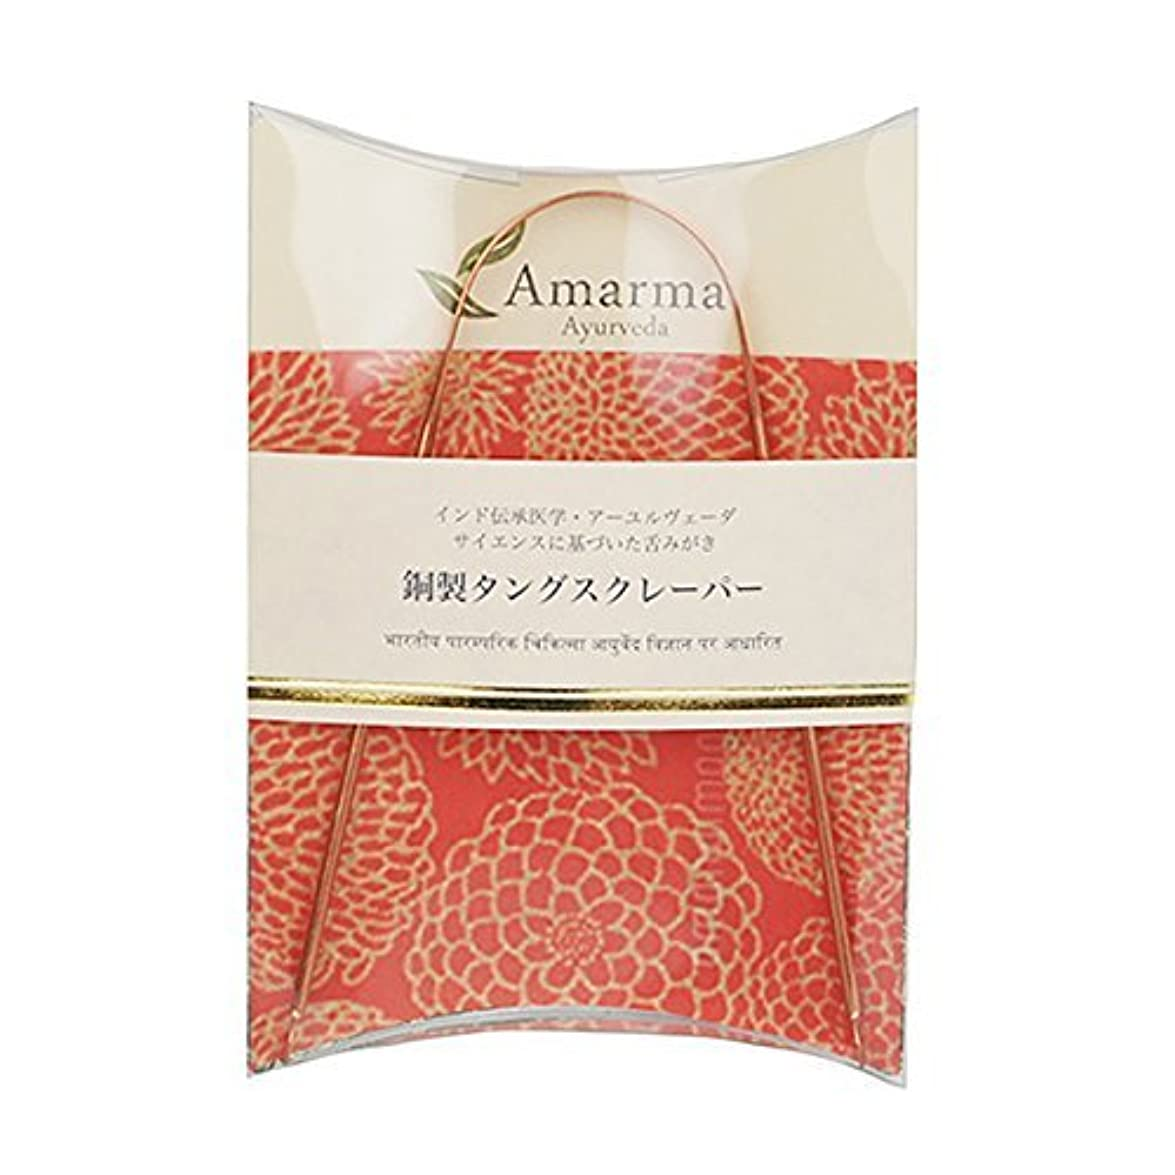 美容師句読点シャー銅製タングスクレーパー(舌みがき)日本製